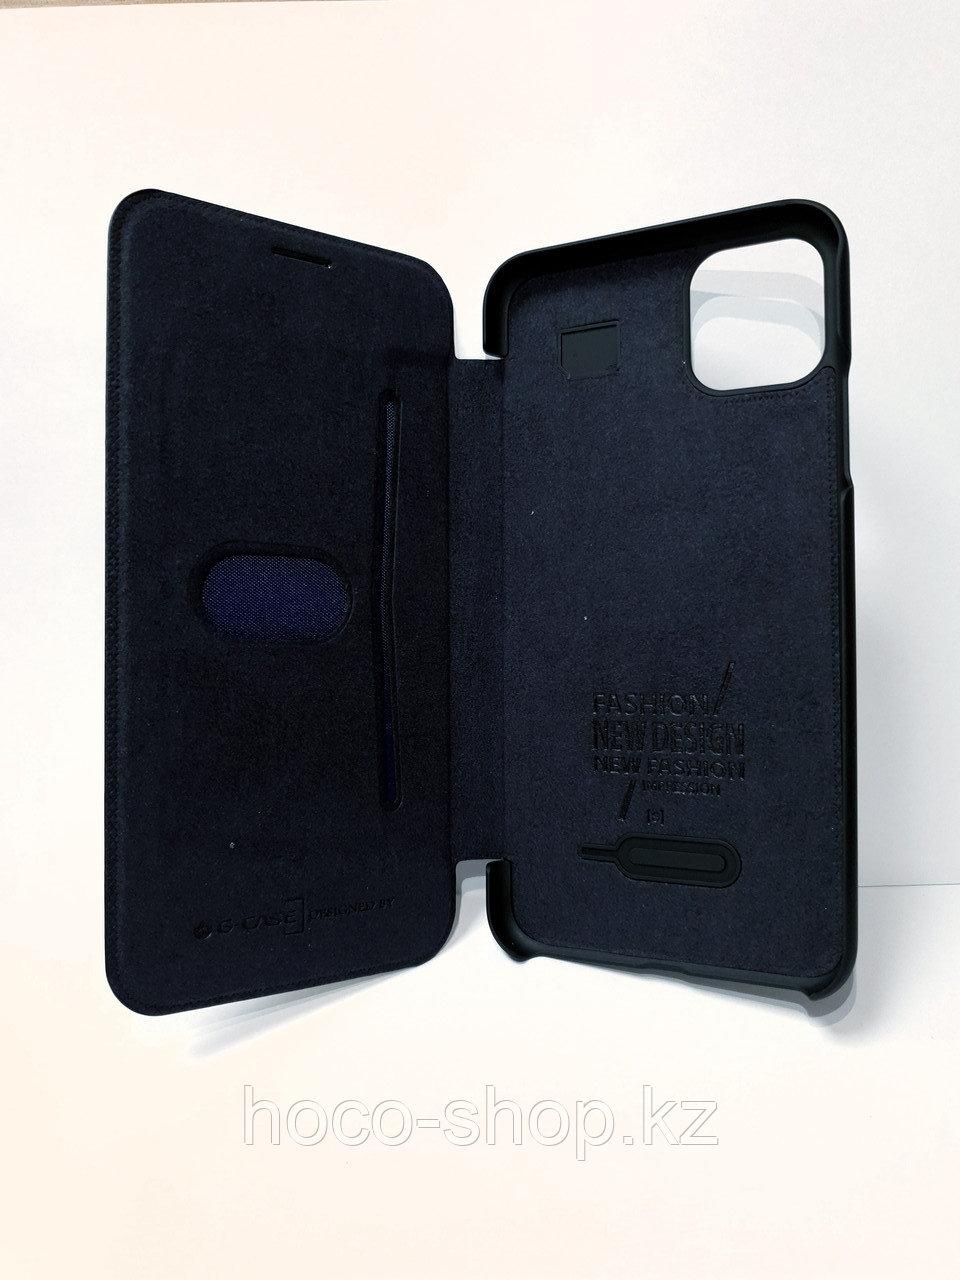 Кожаный чехол-книжка Baseus iPhone 11 Pro Max - фото 2